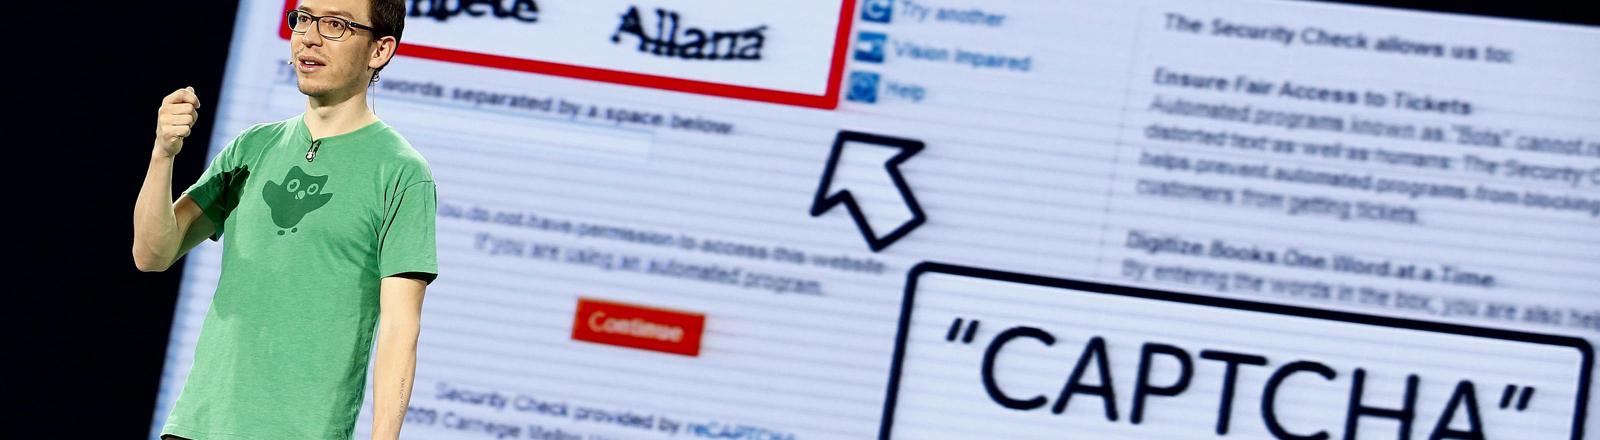 Luis von Ahn, Co-founder und CEO of Duolingo und Erfinder von reCAPTCHA